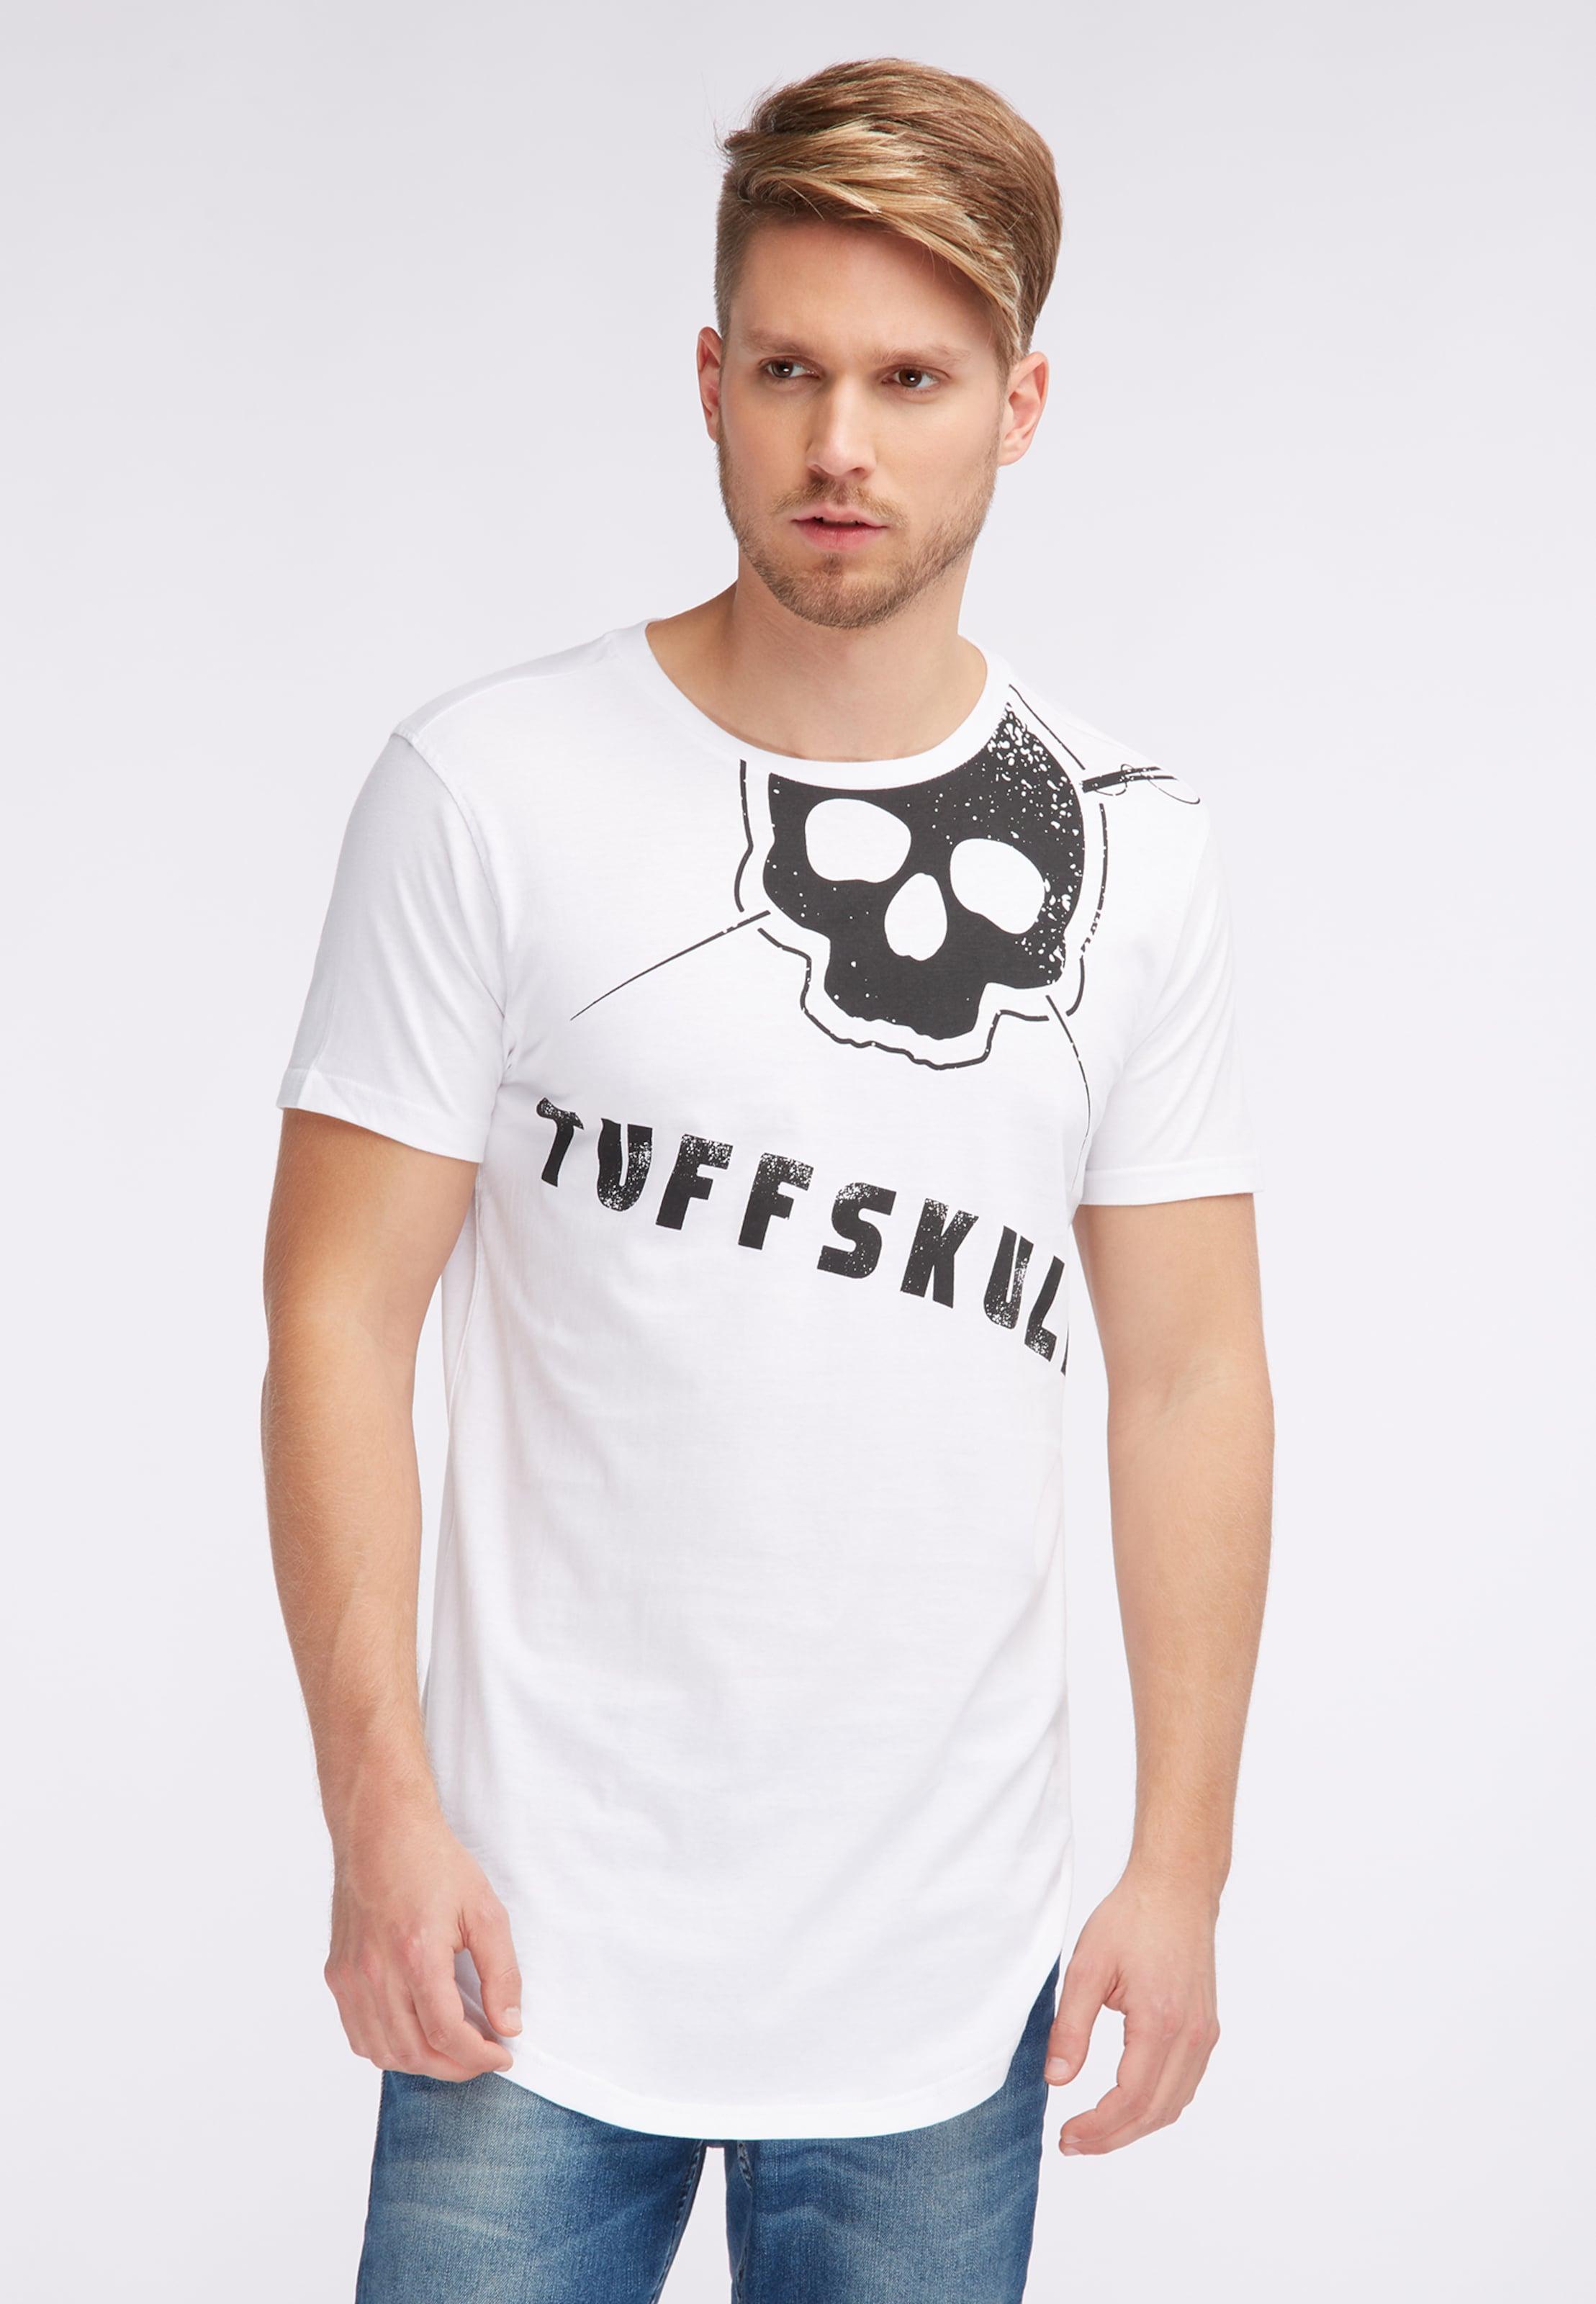 T SchwarzWeiß shirt En Tuffskull shirt SchwarzWeiß Tuffskull T En Tuffskull GqSUMVpz